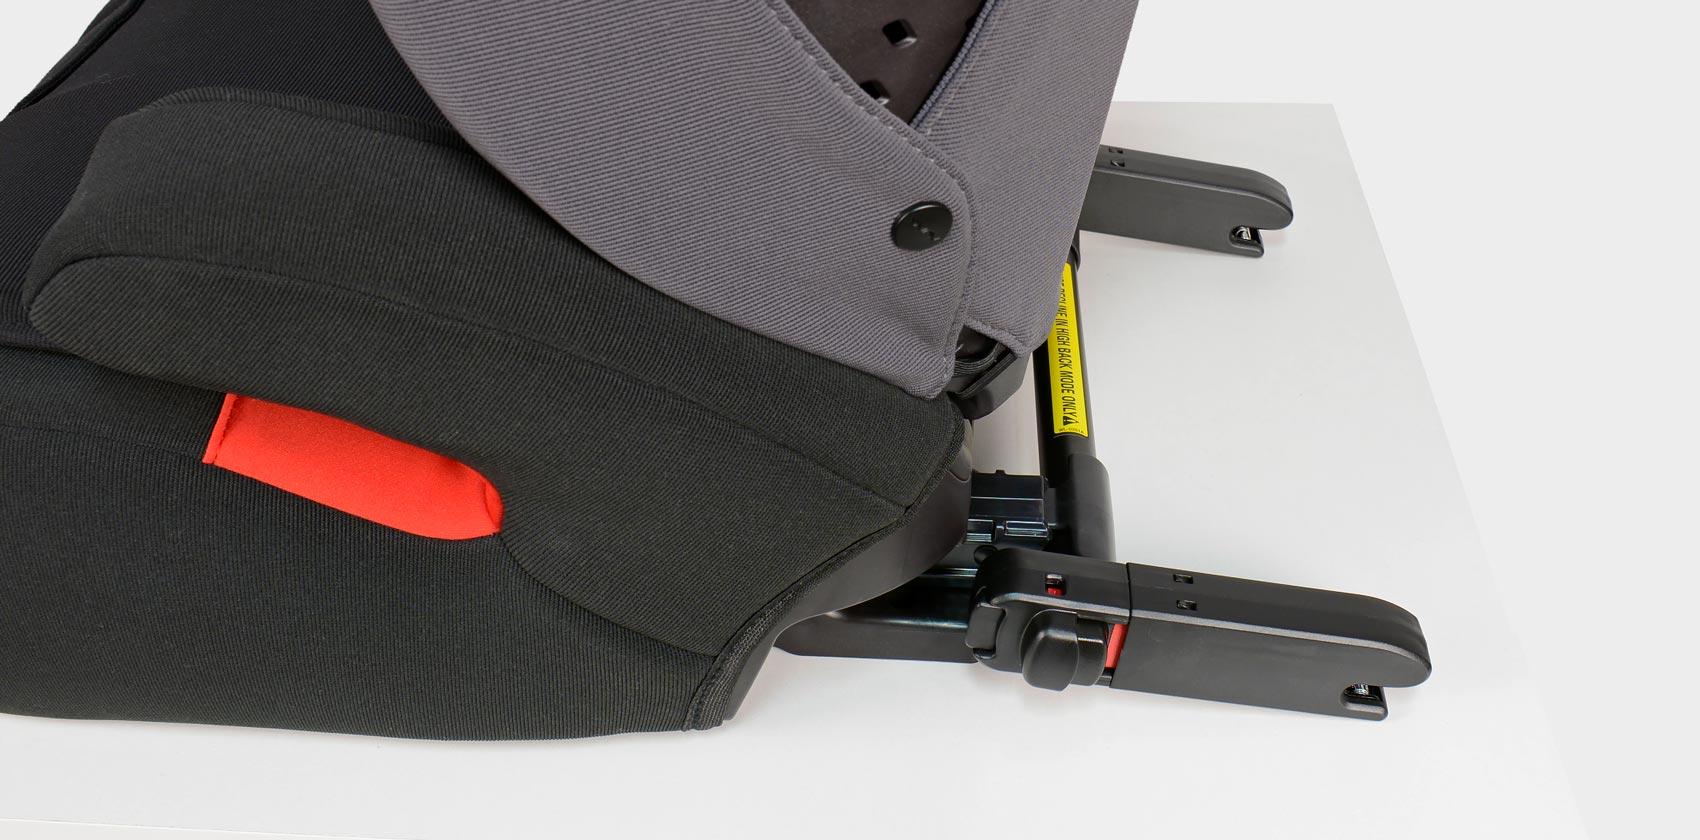 Крепление детского кресла isofix что это такое в машине и так ли оно необходимо